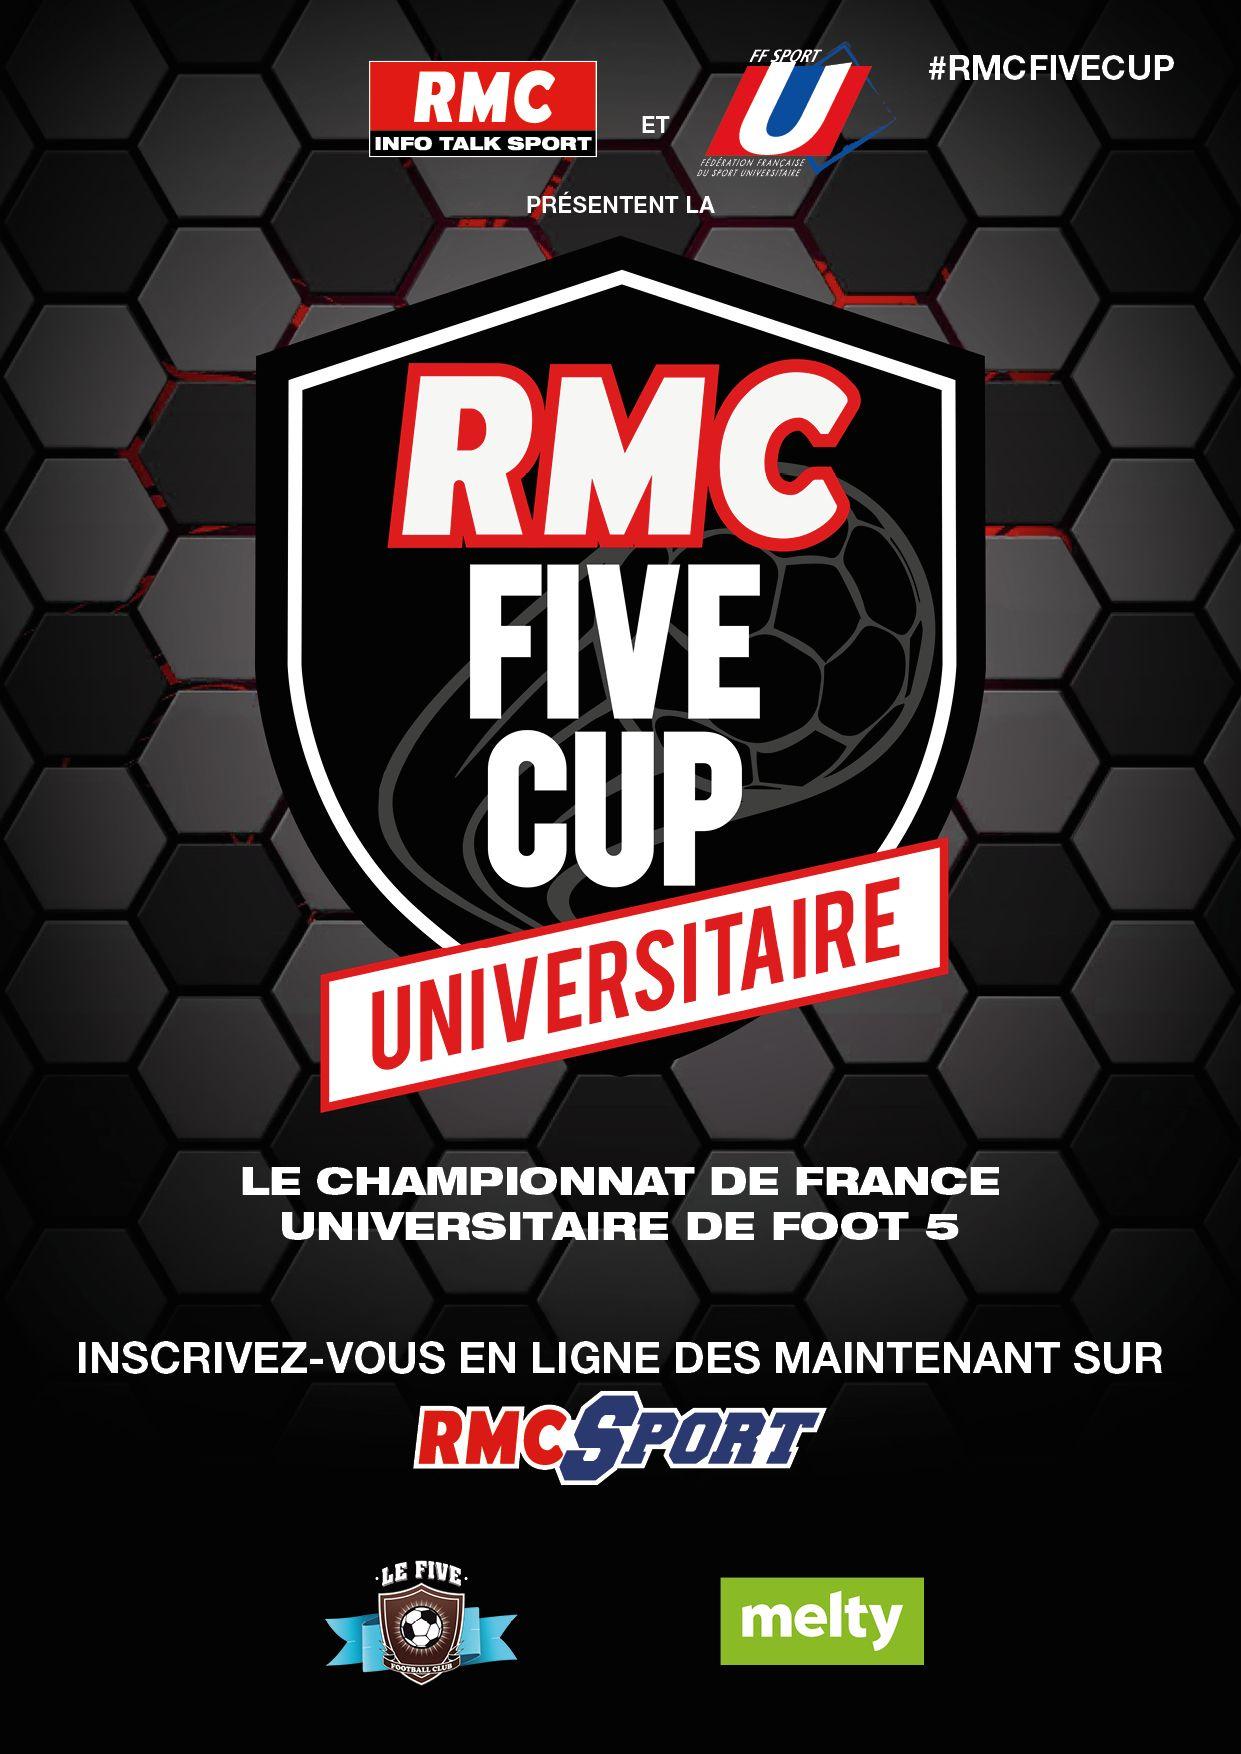 RMC lance la Five Cup Universitaire